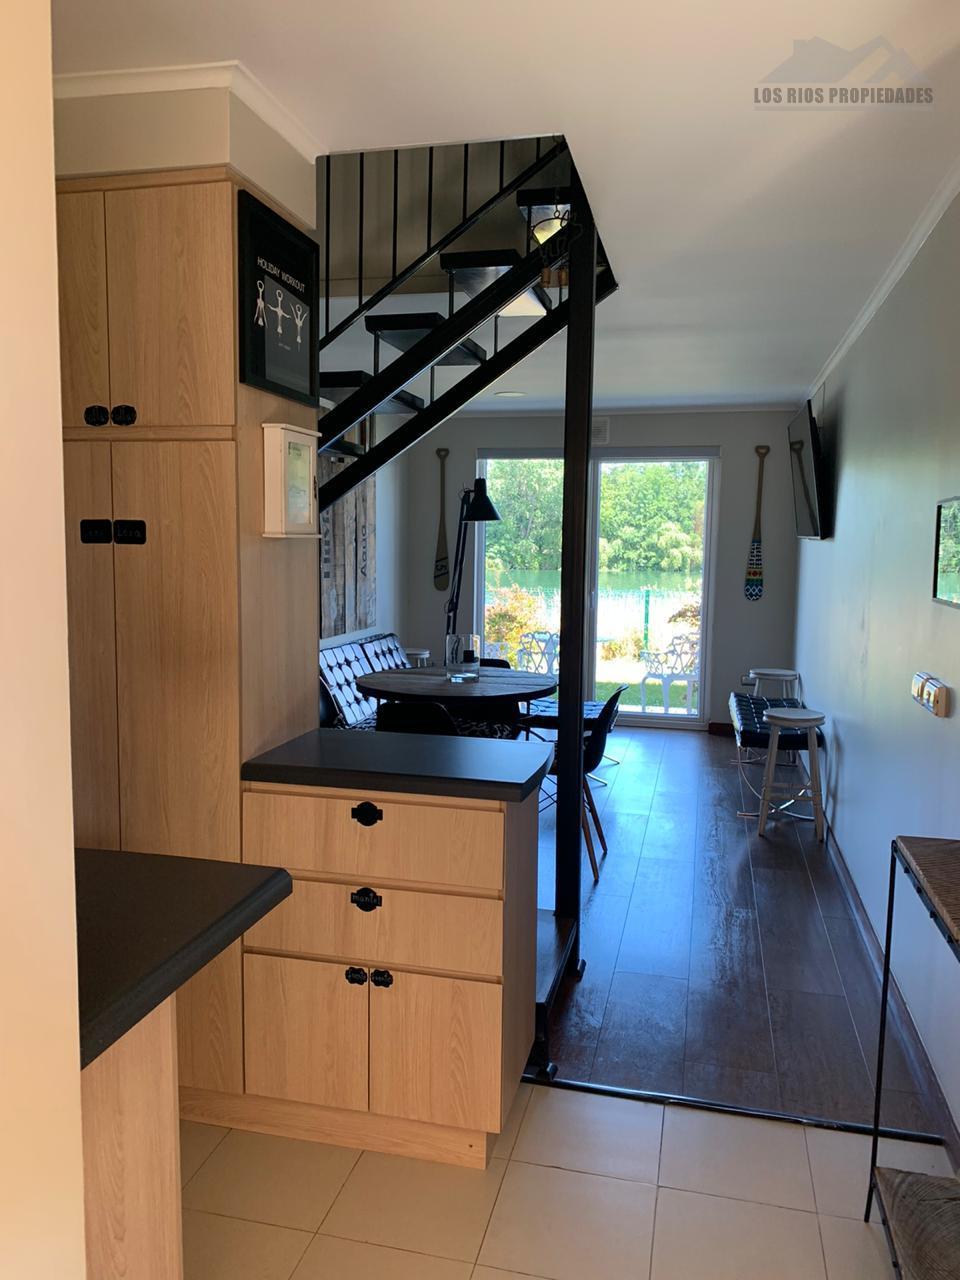 Arriendo propiedad en condominio